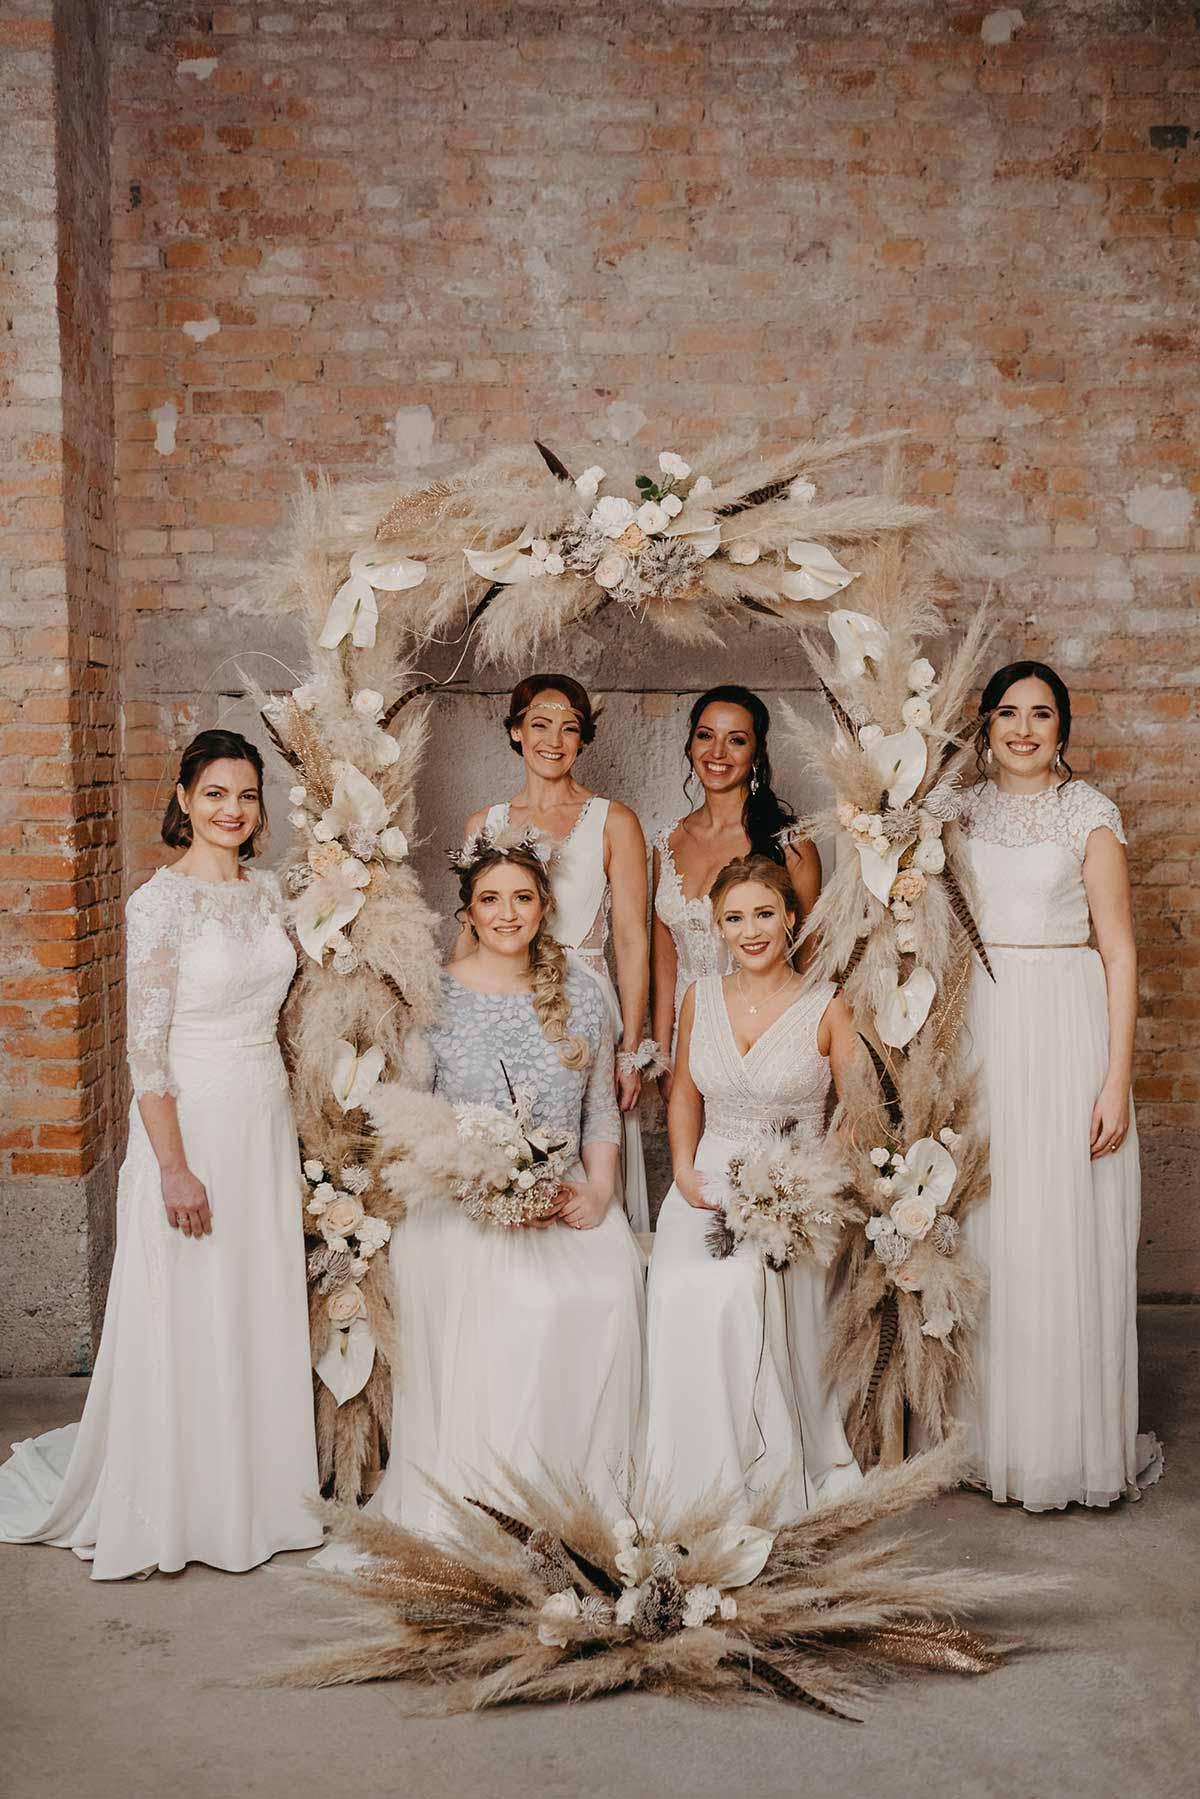 Bräute beim Brautshooting 2020 mit dem Ja-Hochzeitsshop